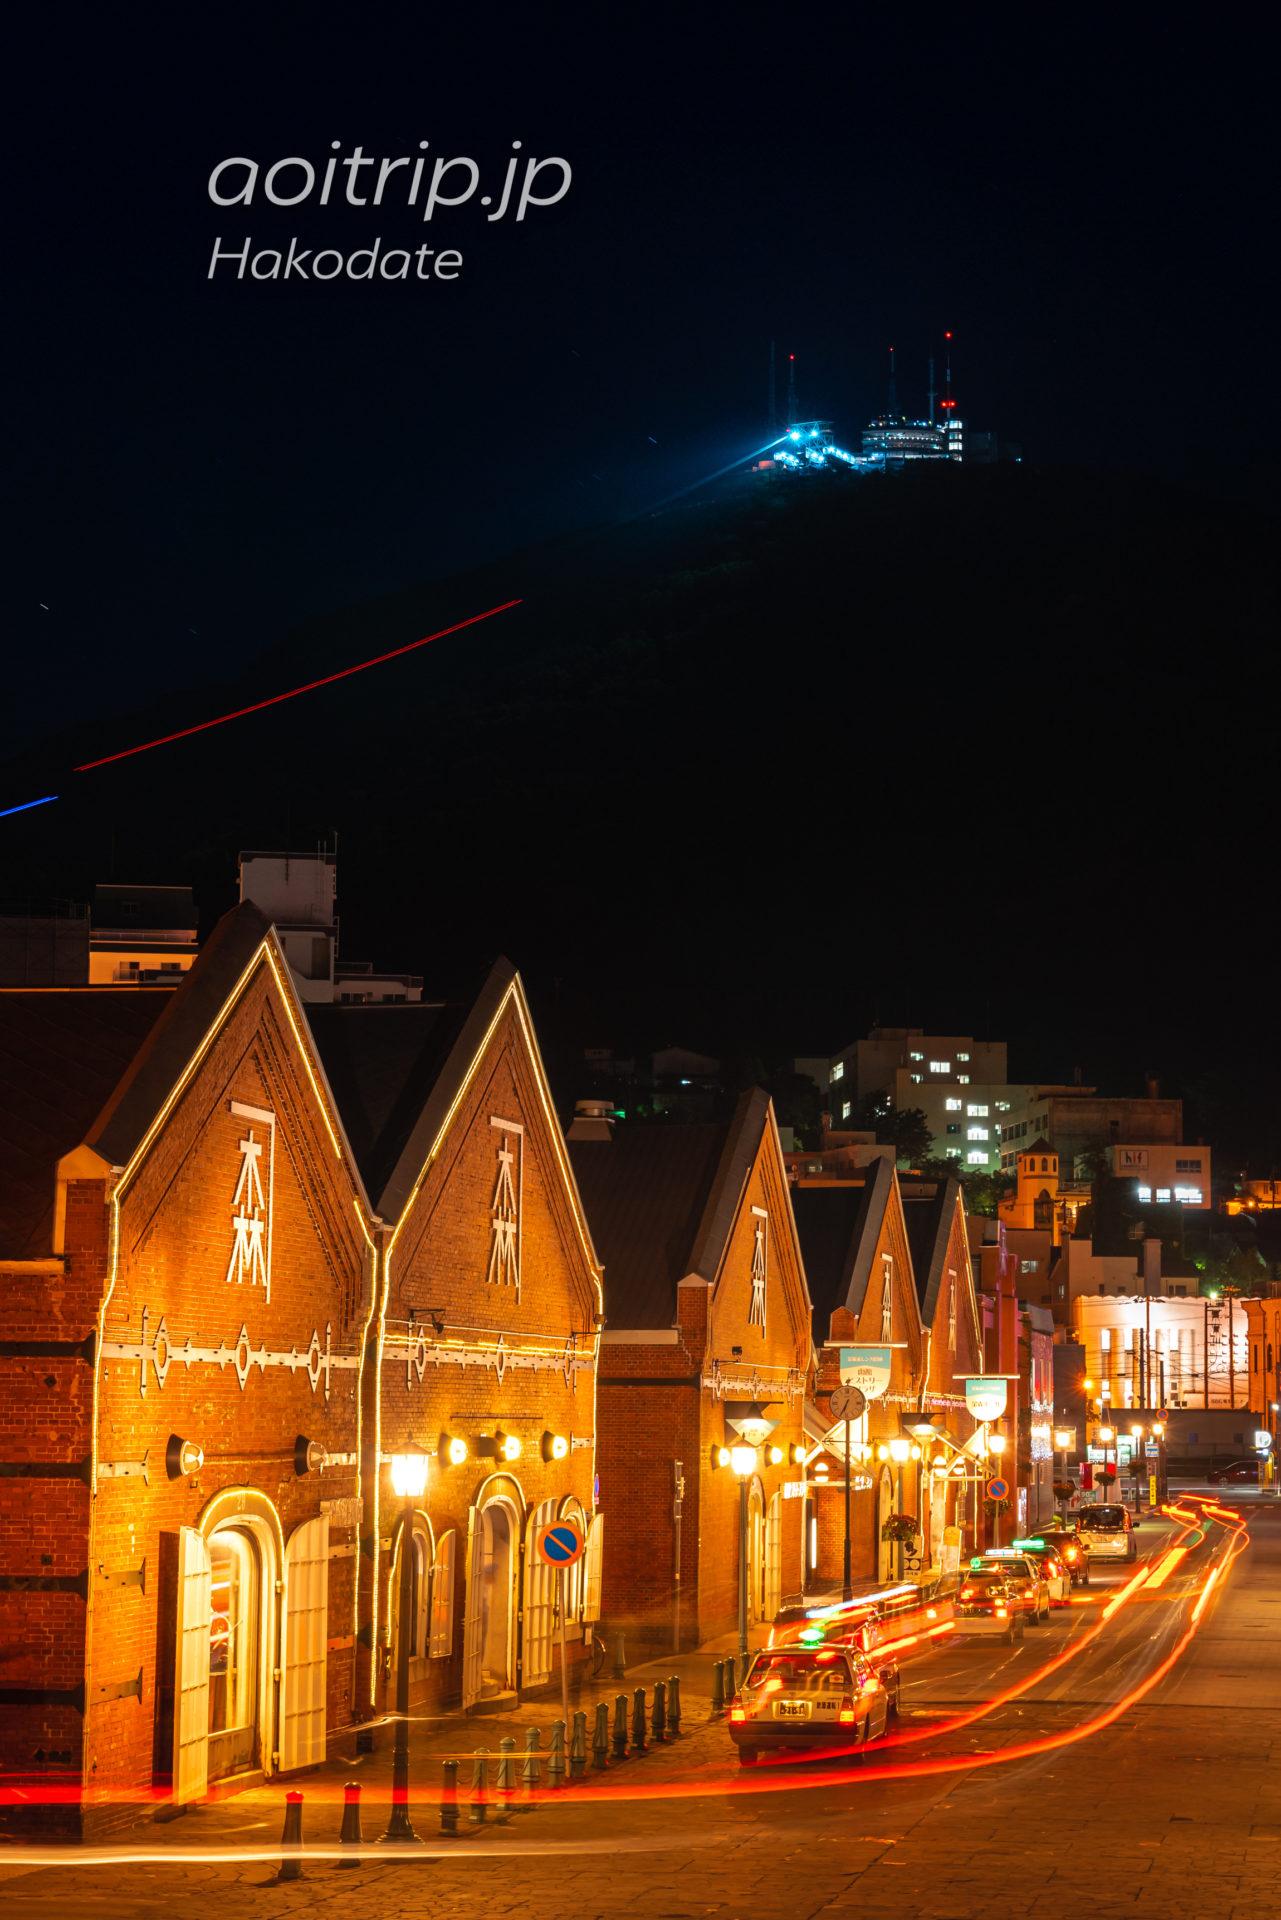 金森赤レンガ倉庫・函館の夜景